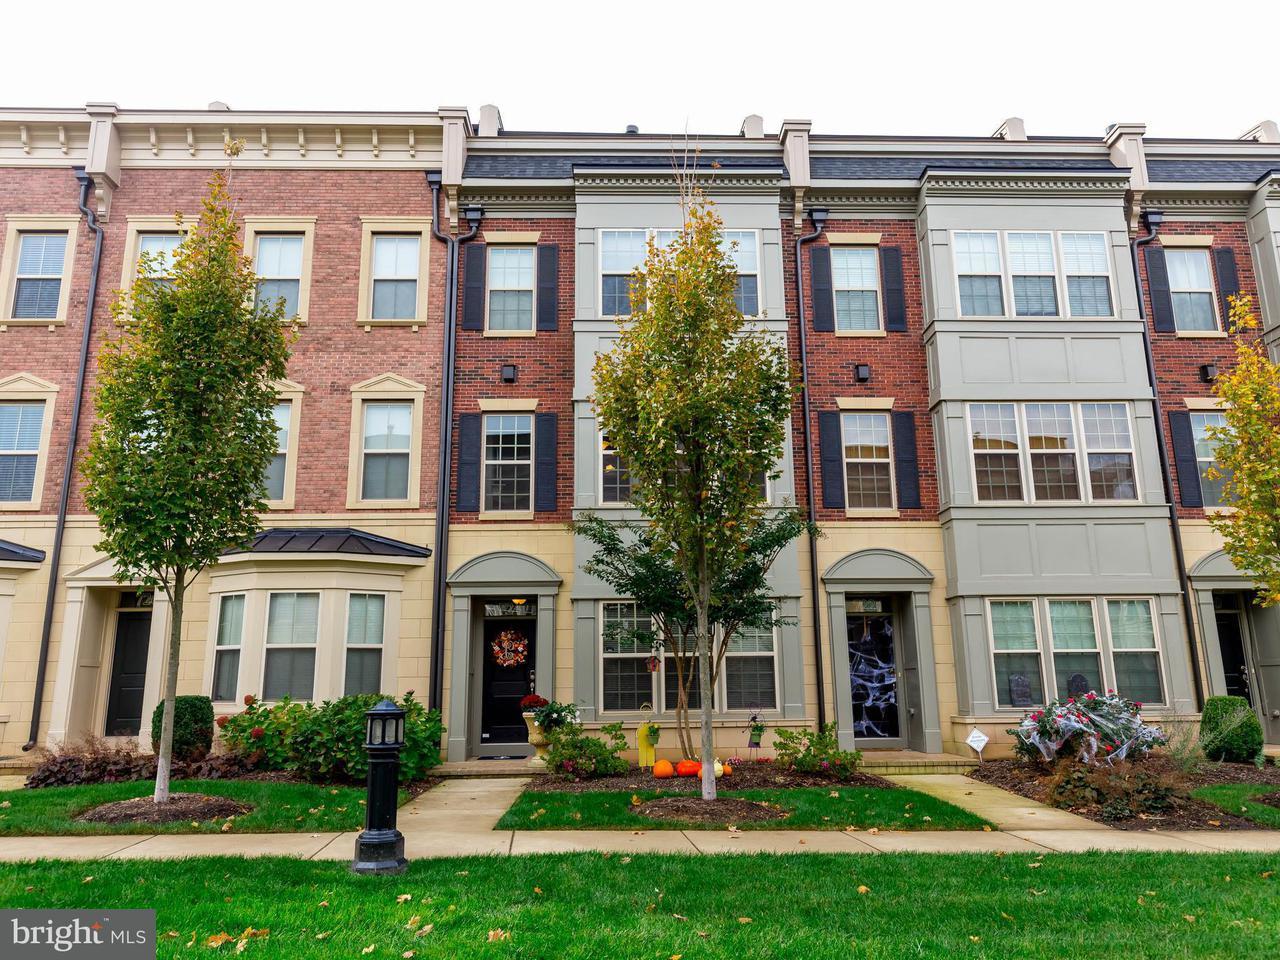 Σπίτι στην πόλη για την Πώληση στο 724 SENTRY SQ 724 SENTRY SQ Oxon Hill, Μεριλαντ 20745 Ηνωμενεσ Πολιτειεσ